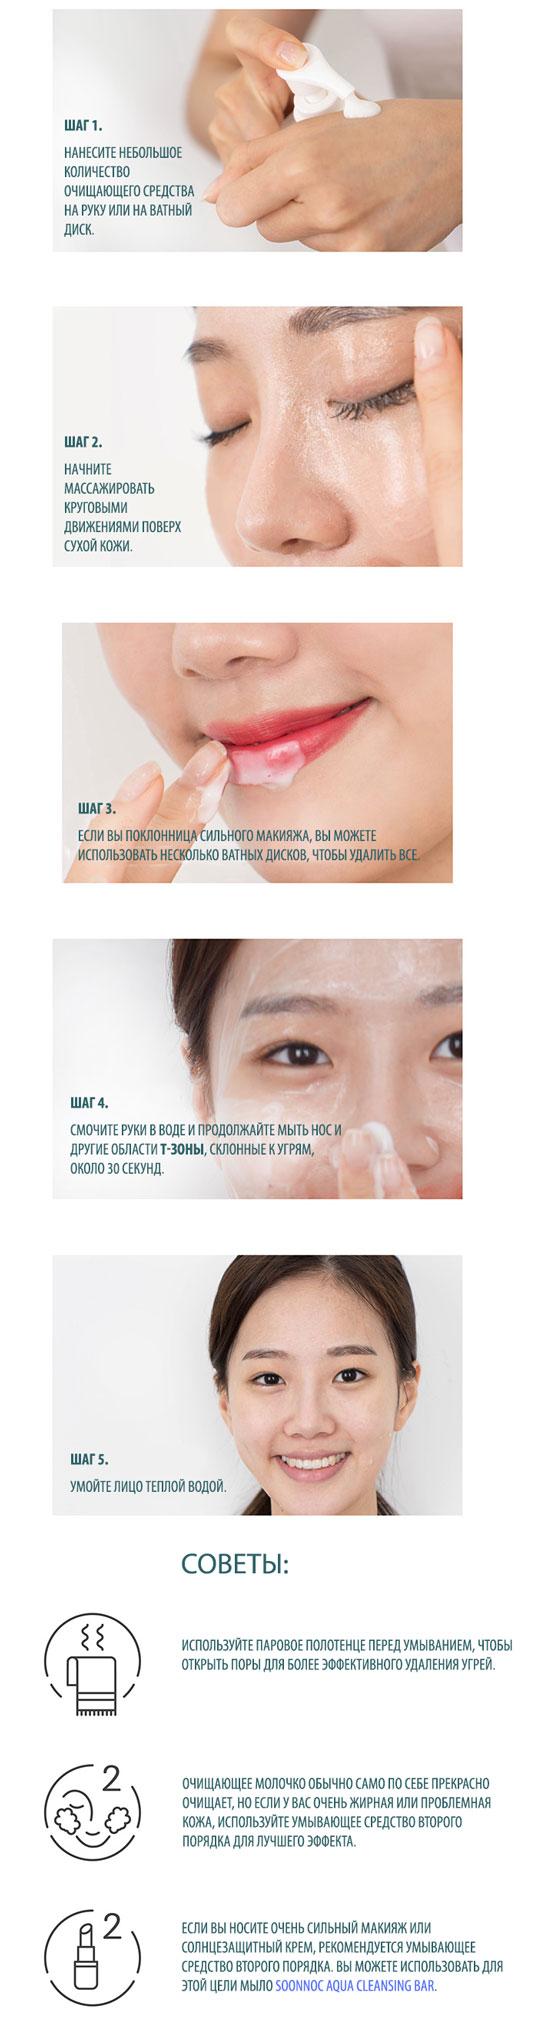 как использовать очищающее молочко для чувствительной кожи soonnoc cleansing milk